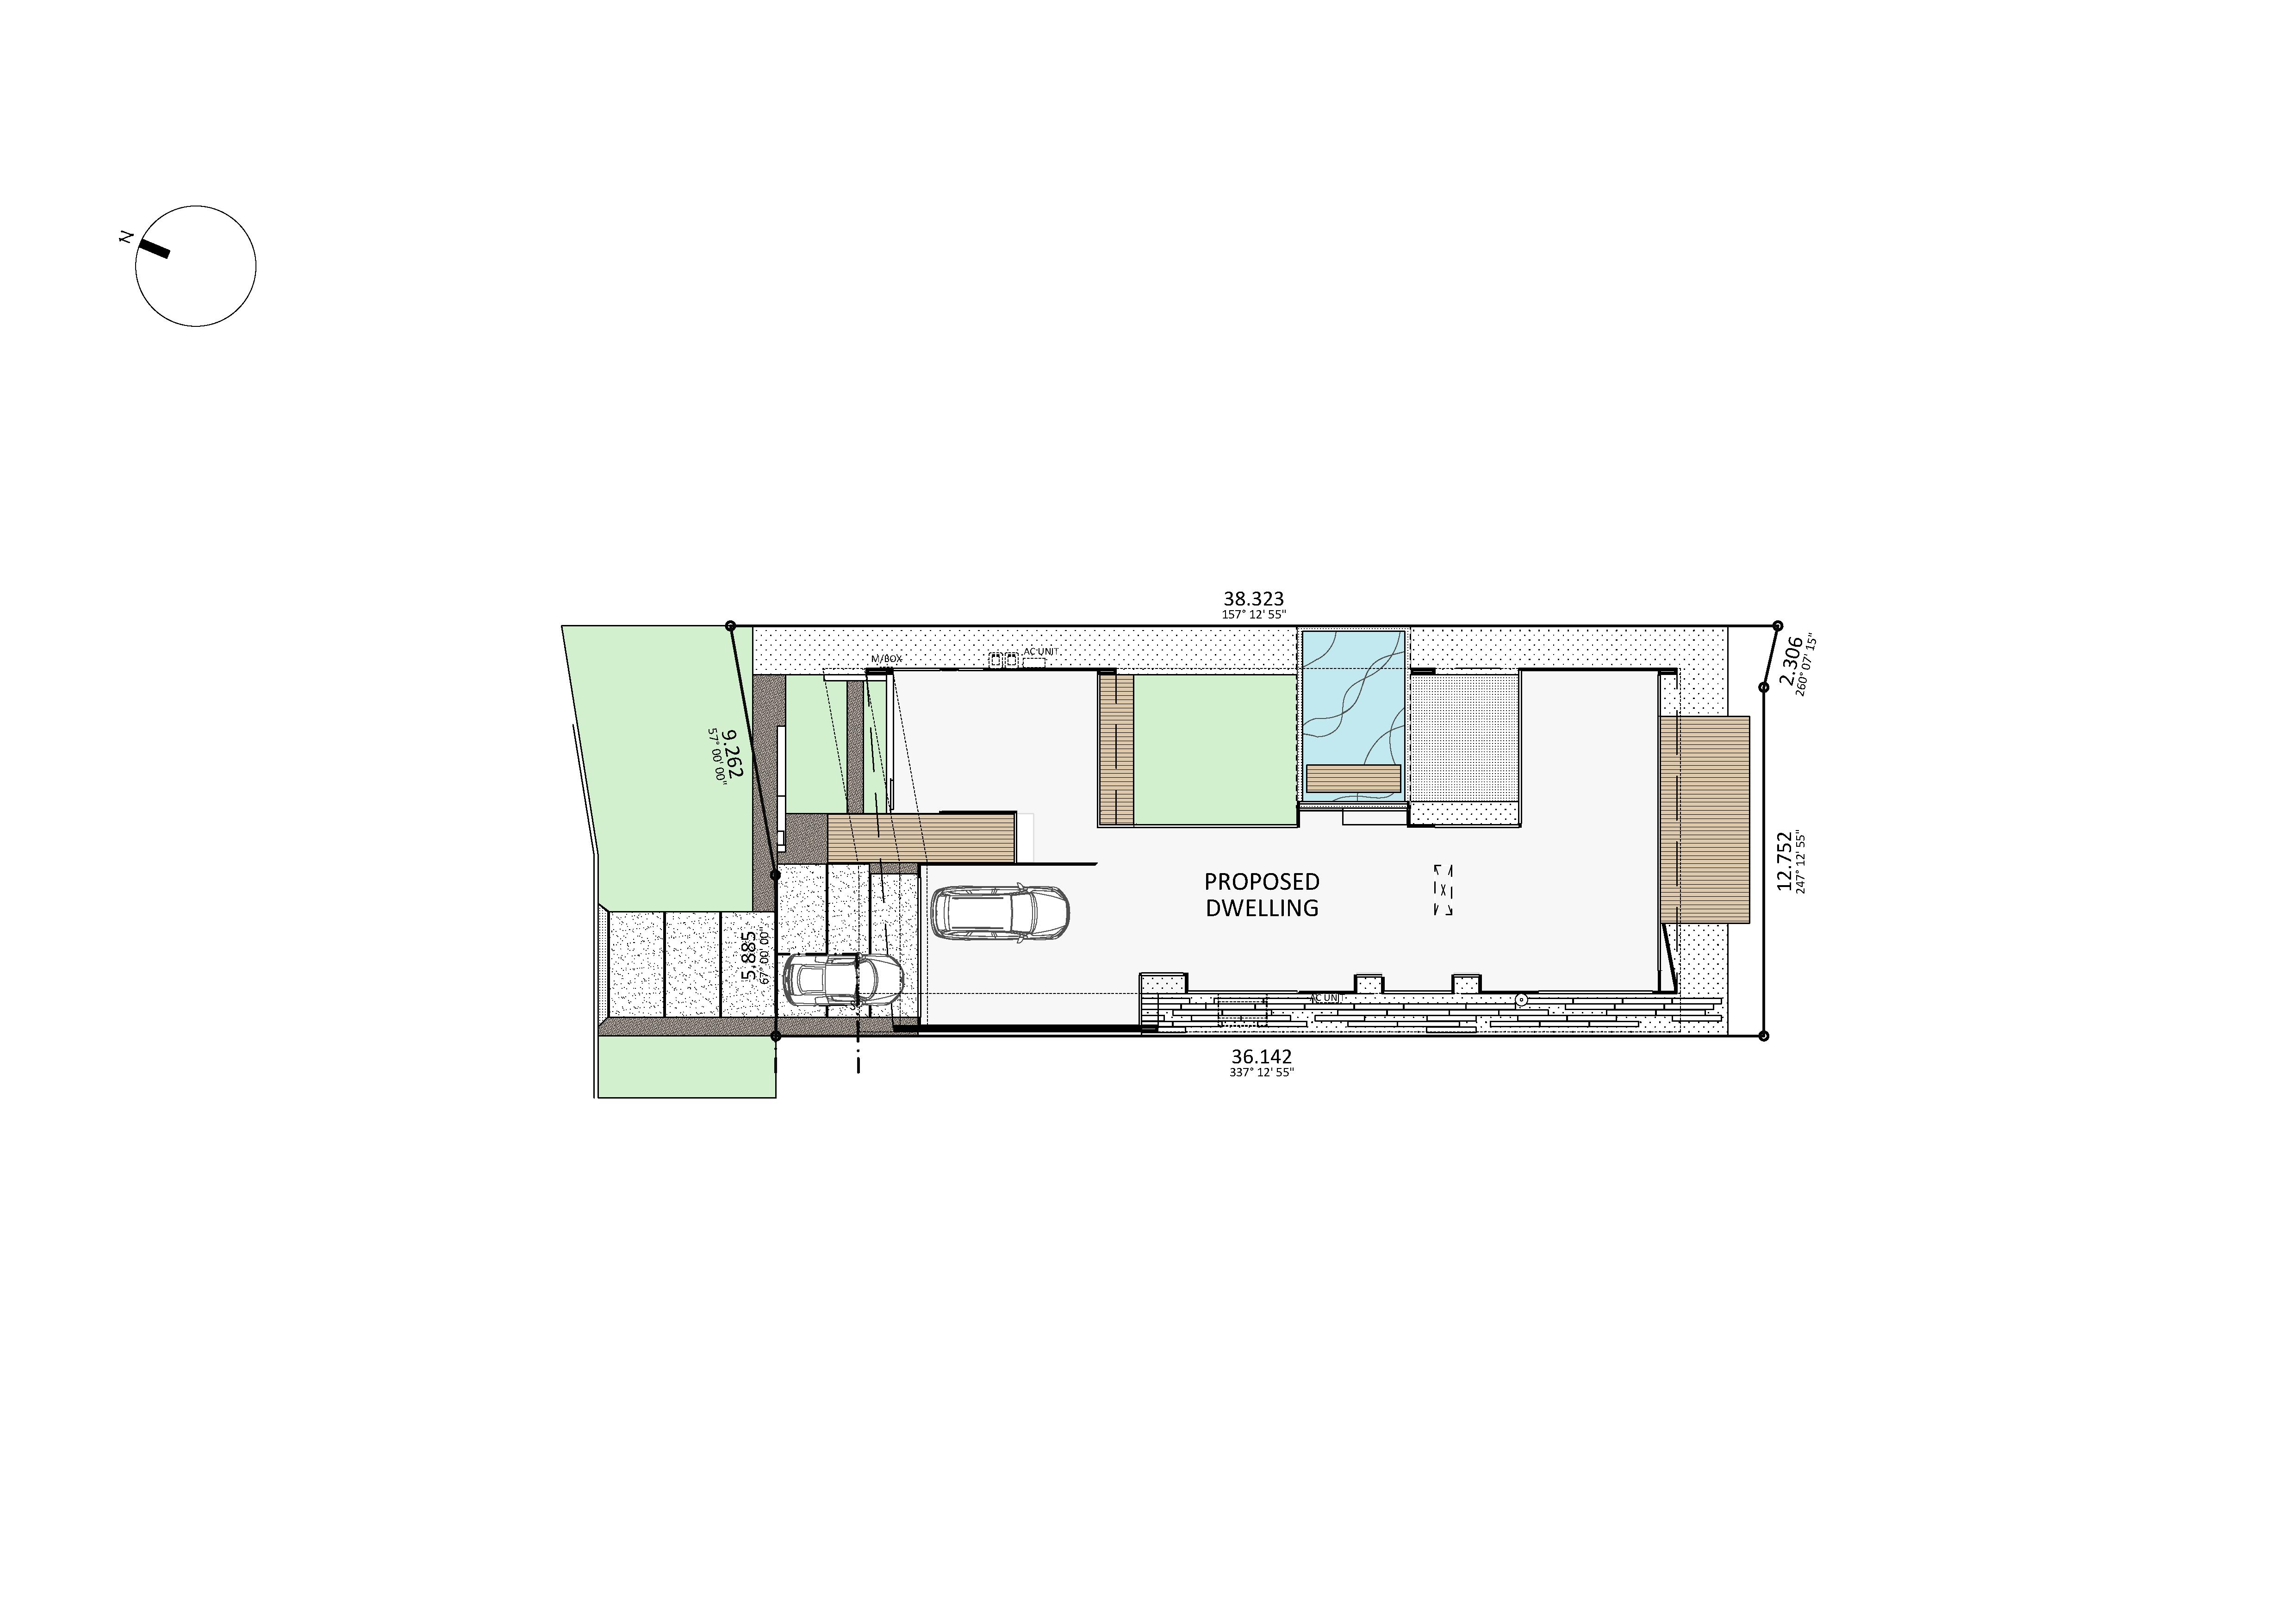 lawrie site plan